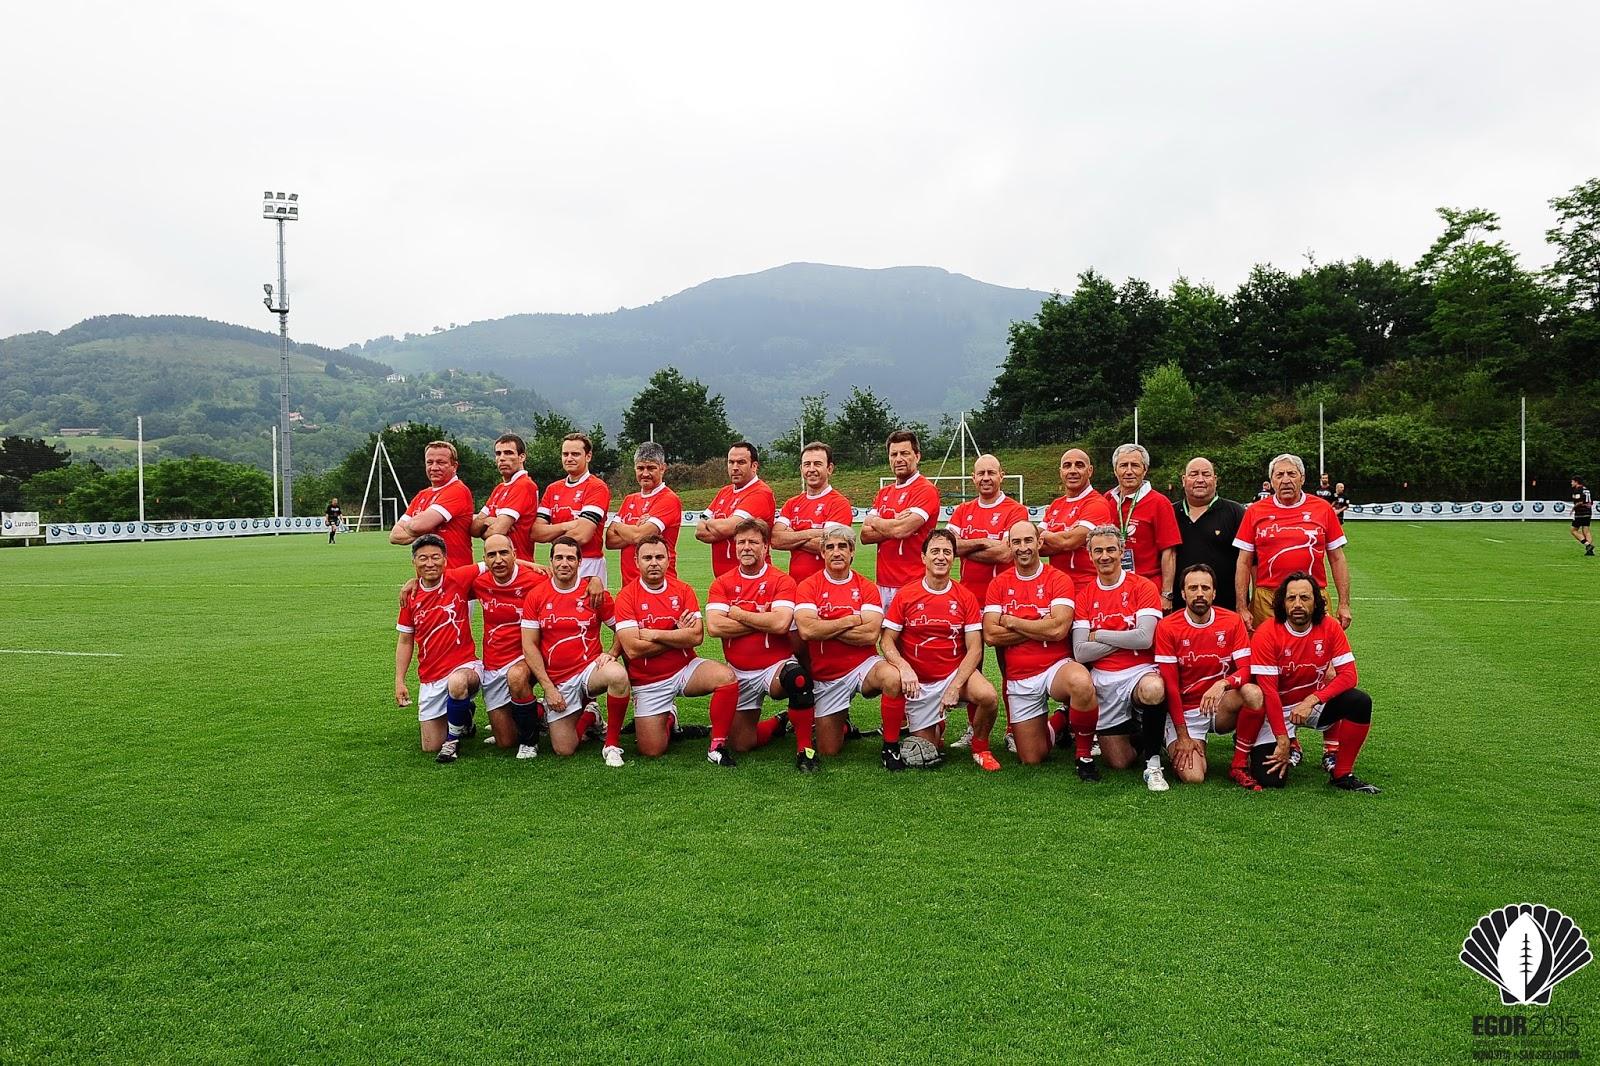 Resultado de imagen de 4 rius rugby